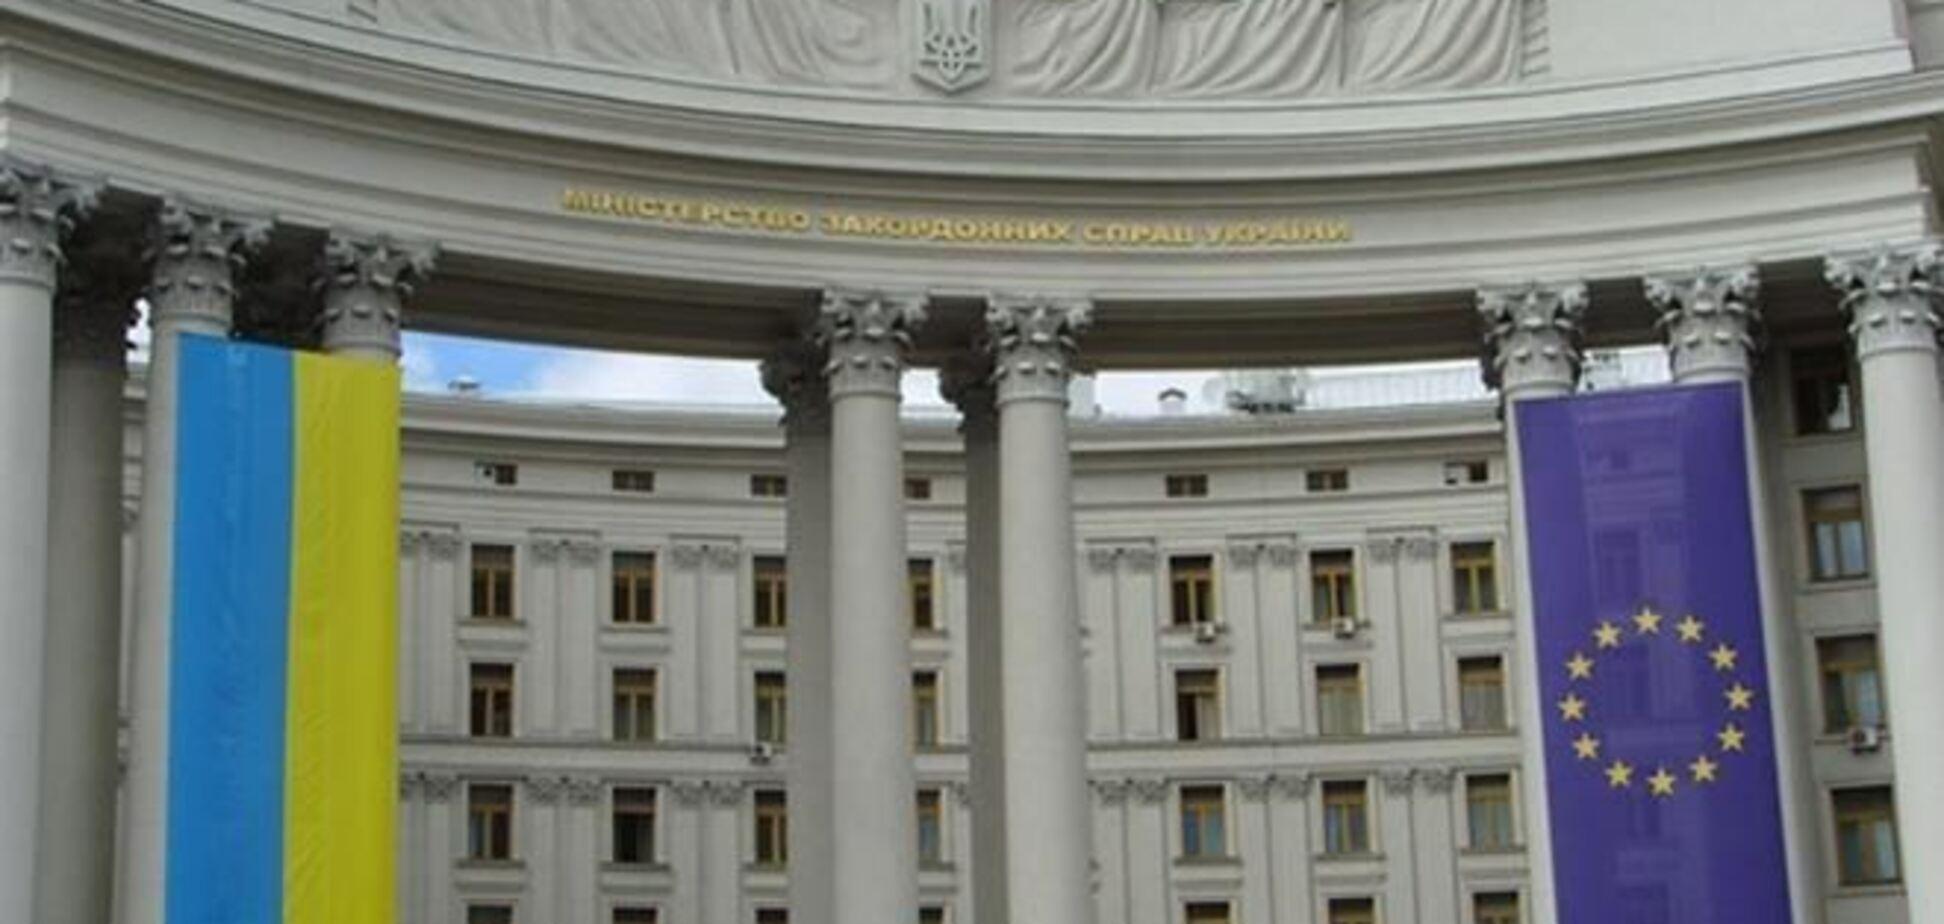 МИД приглашает иностранных наблюдателей в Украину